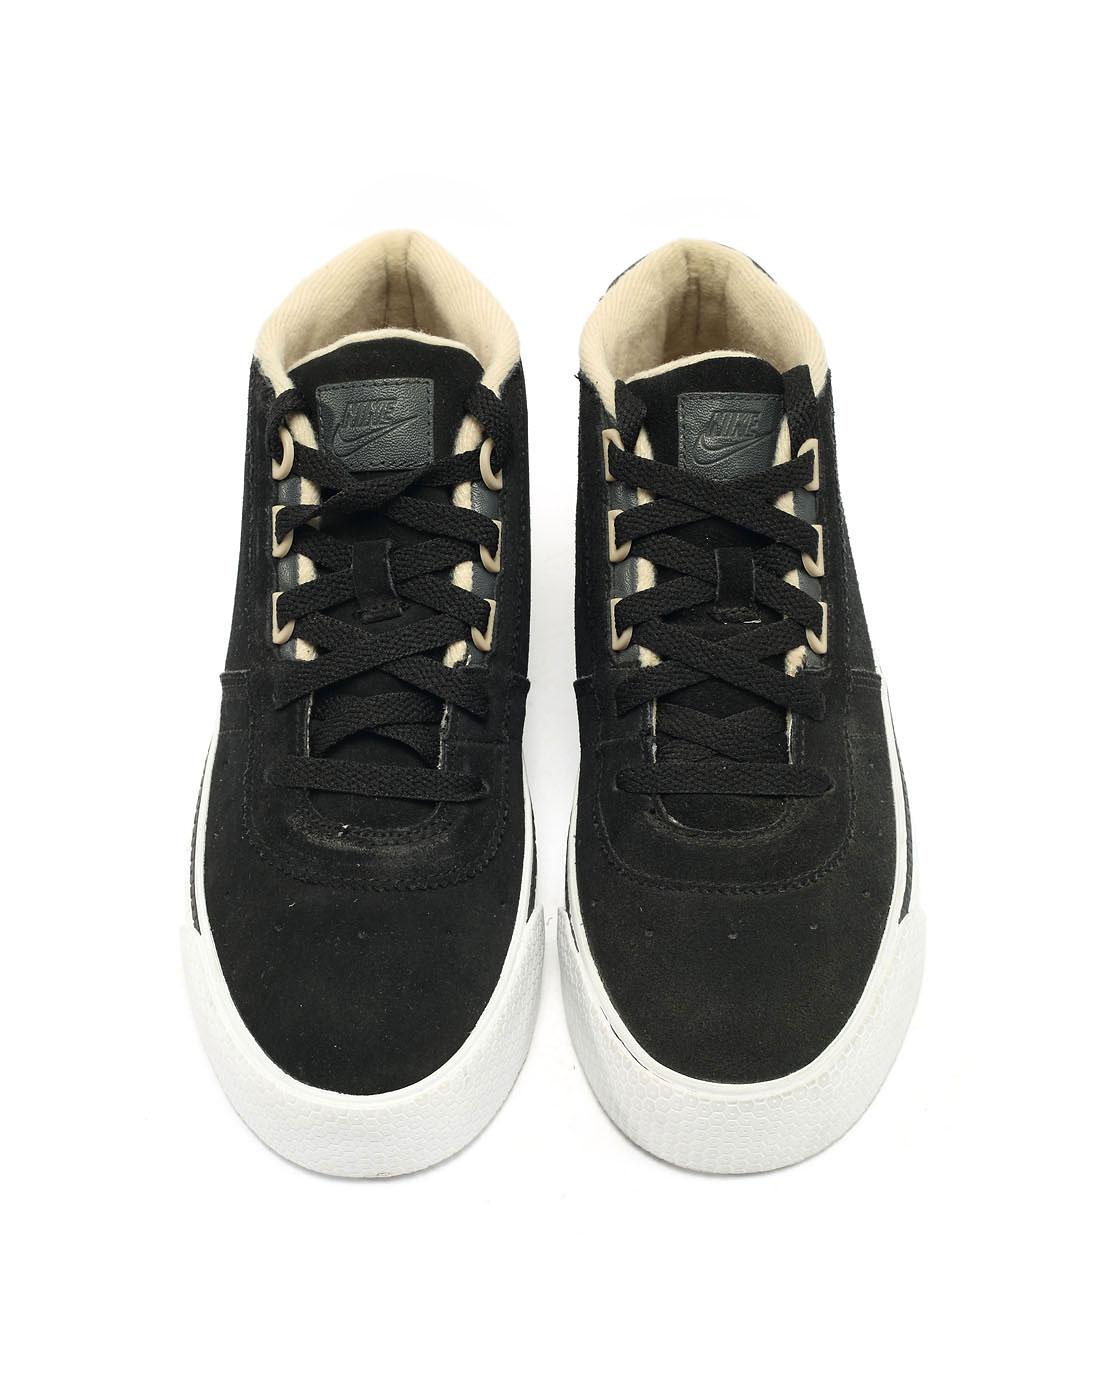 耐克nike男子黑色复古鞋454537-002